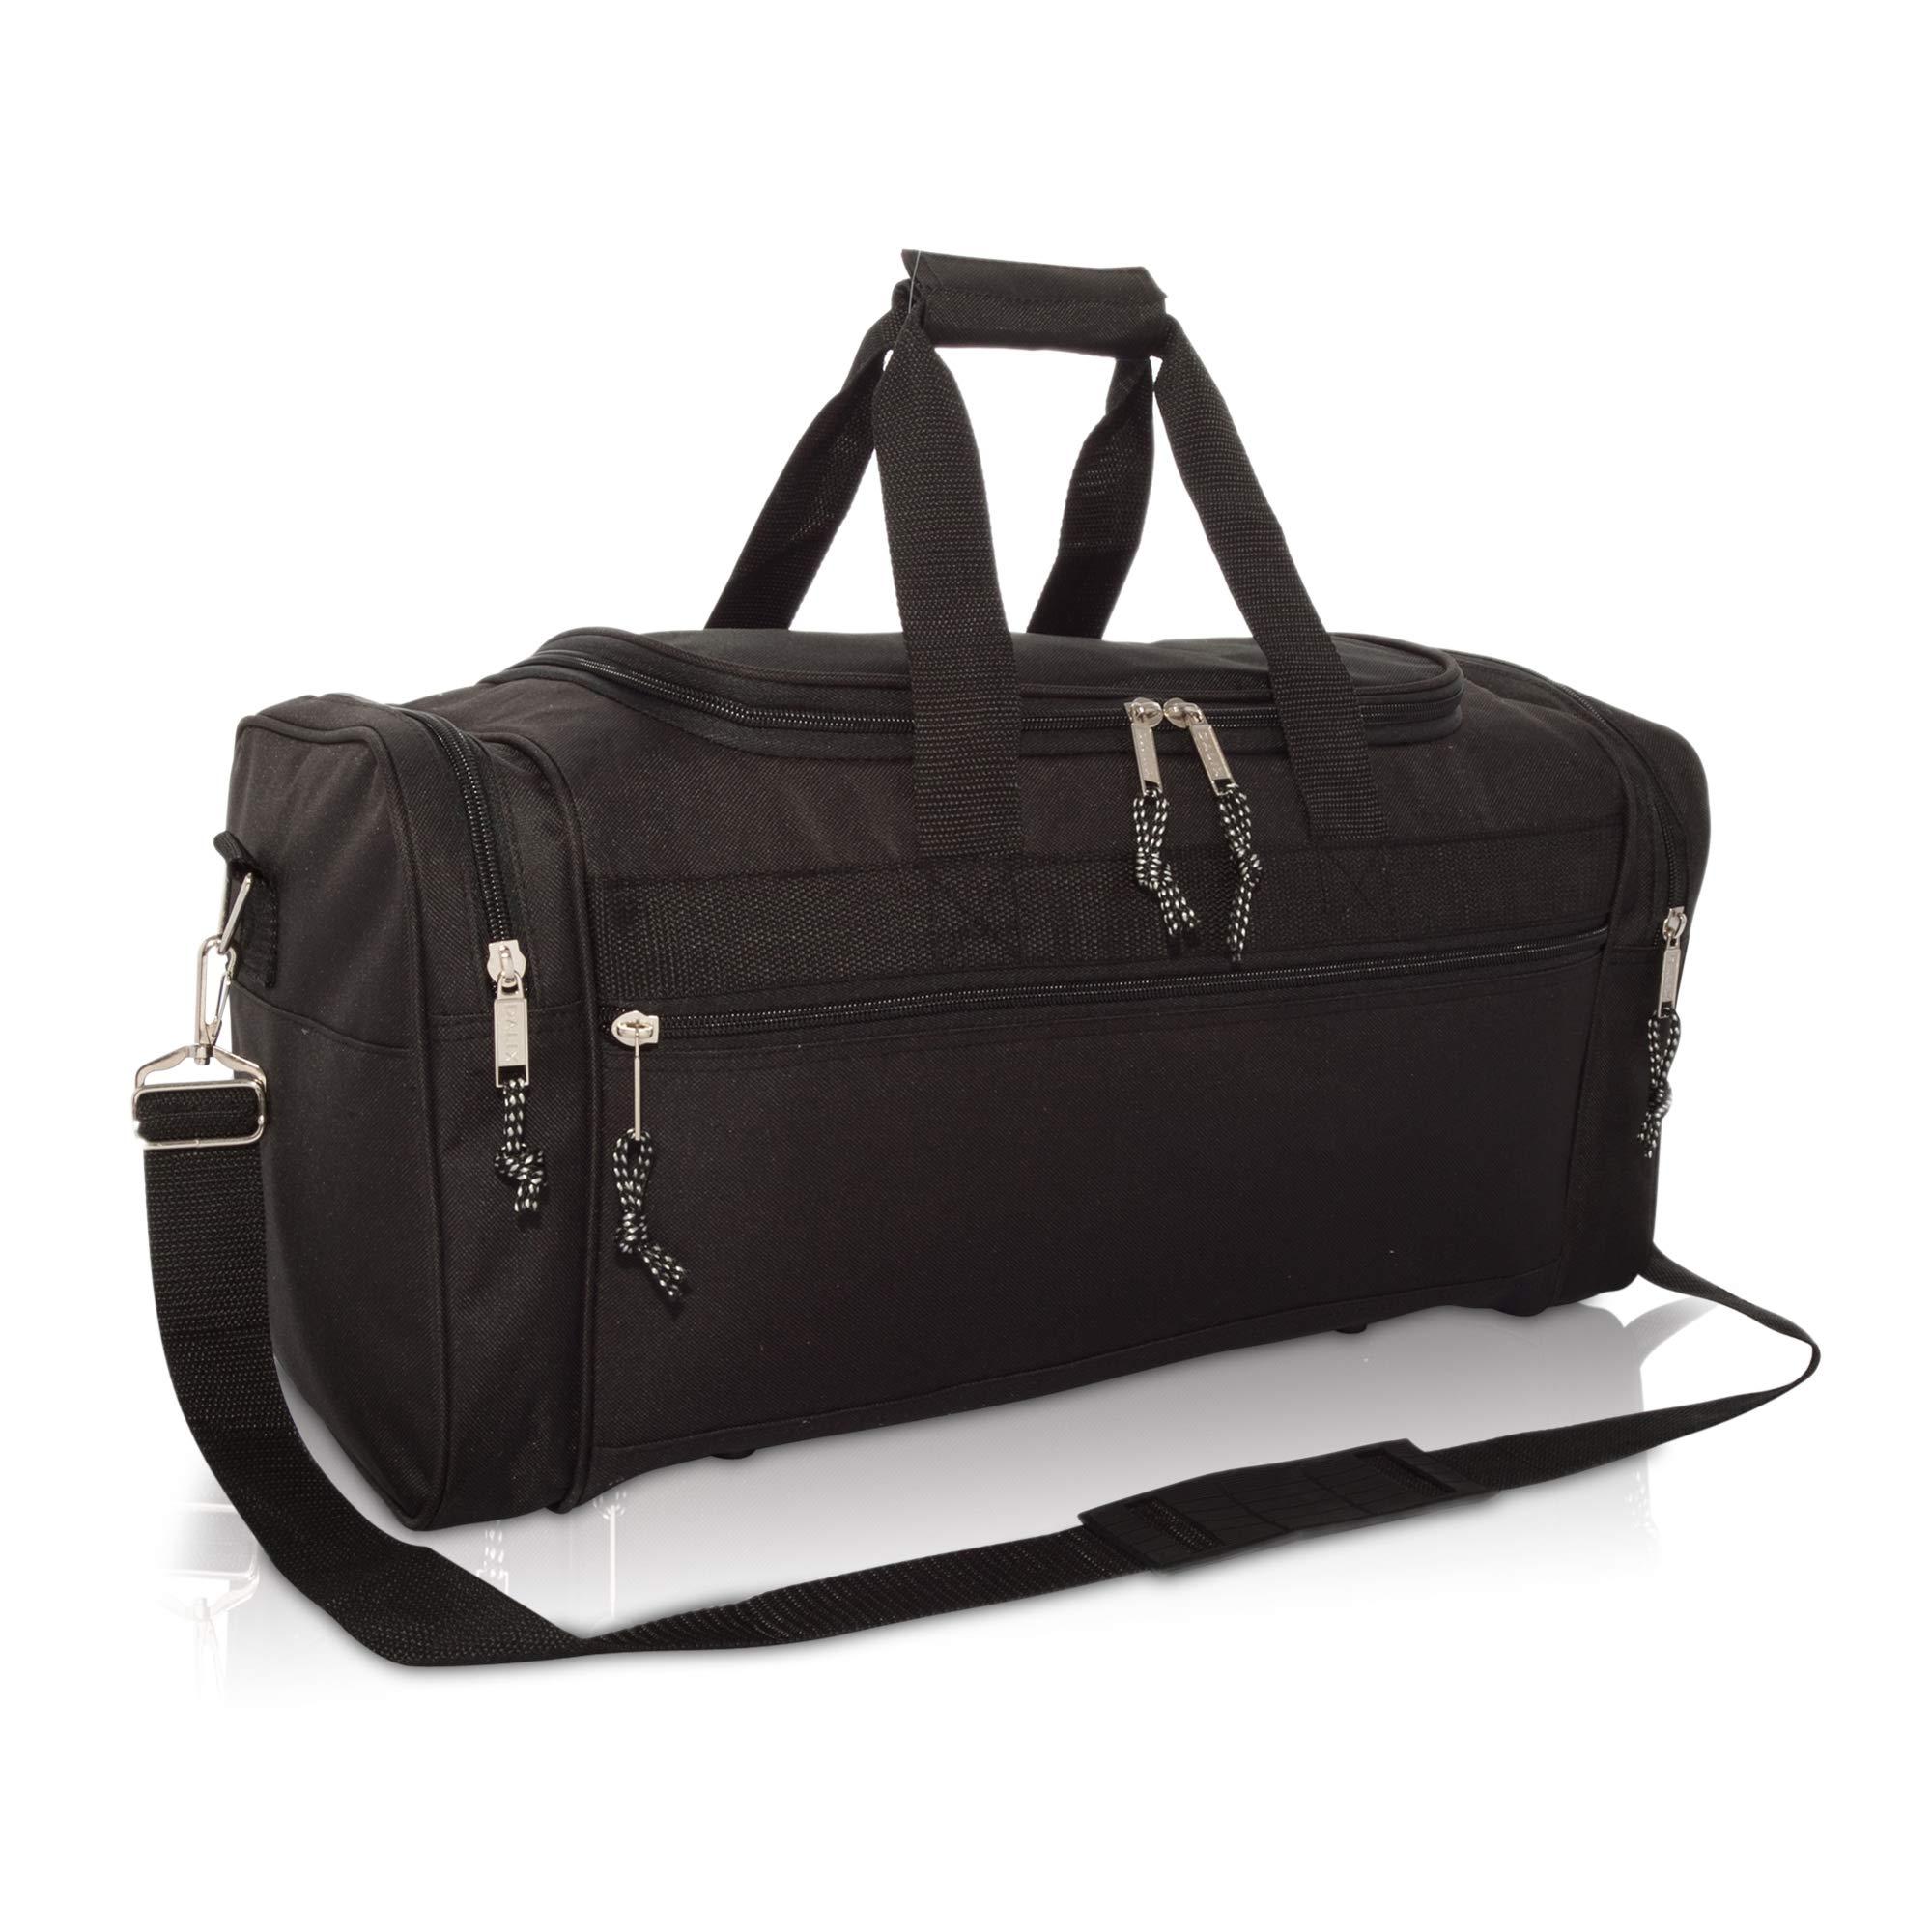 DALIX 21'' Blank Sports Duffle Bag Gym Bag Travel Duffel Adjustable Strap in Black